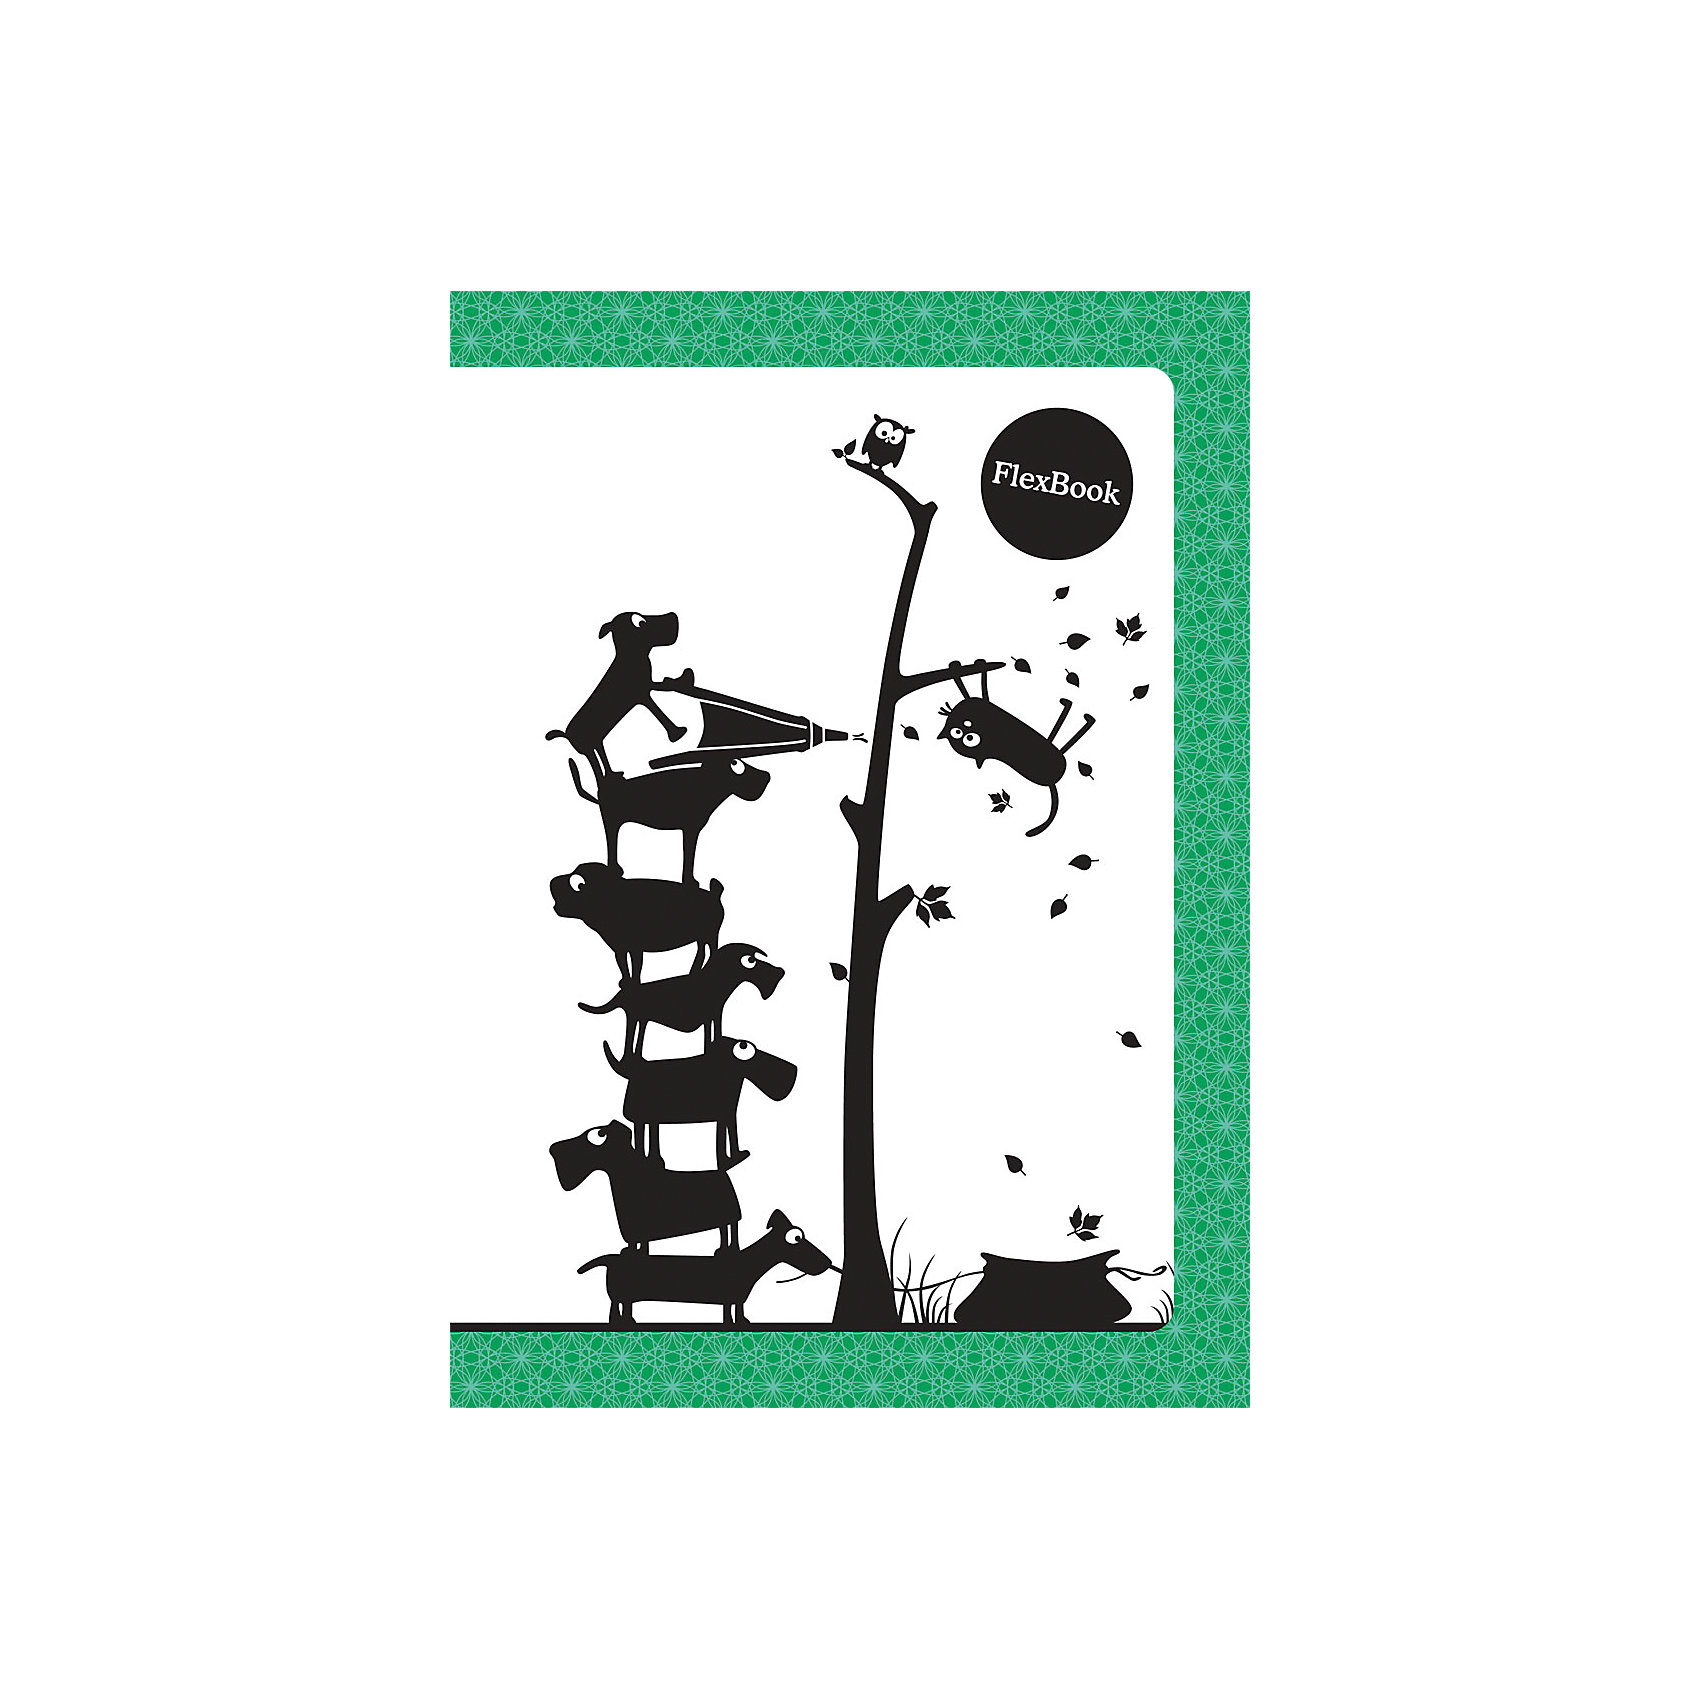 Зеленая тетрадь А5 Flex book 80 листовБумажная продукция<br>Зеленая тетрадь А5 Flex book 80 листов<br><br>Характеристики:<br><br>• Количество листов: 80<br>• Формат: А5<br>• Цвет: зеленая<br>• Вес: 184г<br>• Размер: 210х7х145мм<br><br>Тетрадь изготовлена по технологии Seihon: креплением тетради служит склейка с добавлением специального клея. Дополнительную прочность такого крепления гарантирует ПВХ корешок, который расположен вертикально на корешке каждой тетради.<br>Такое крепление позволяет тетради:<br>- разворачиваться на 360о<br>- сгибаться и складываться, не ломаясь<br>Такая тетрадь-трансформер будет удобной для всех. В такой тетради можно писать даже навесу. А еще – она будет великолепно подходить для левшей, так как ни спираль, ни скрепка не будут в этом случае мешать письму.<br>Мелованная обложка с полноцветной печатью и блок из белой бумаги плотностью 60г/м2. Тетрадь упакована в полиэтиленовый пакет.<br><br>Ширина мм: 210<br>Глубина мм: 7<br>Высота мм: 145<br>Вес г: 184<br>Возраст от месяцев: 84<br>Возраст до месяцев: 360<br>Пол: Унисекс<br>Возраст: Детский<br>SKU: 5390356